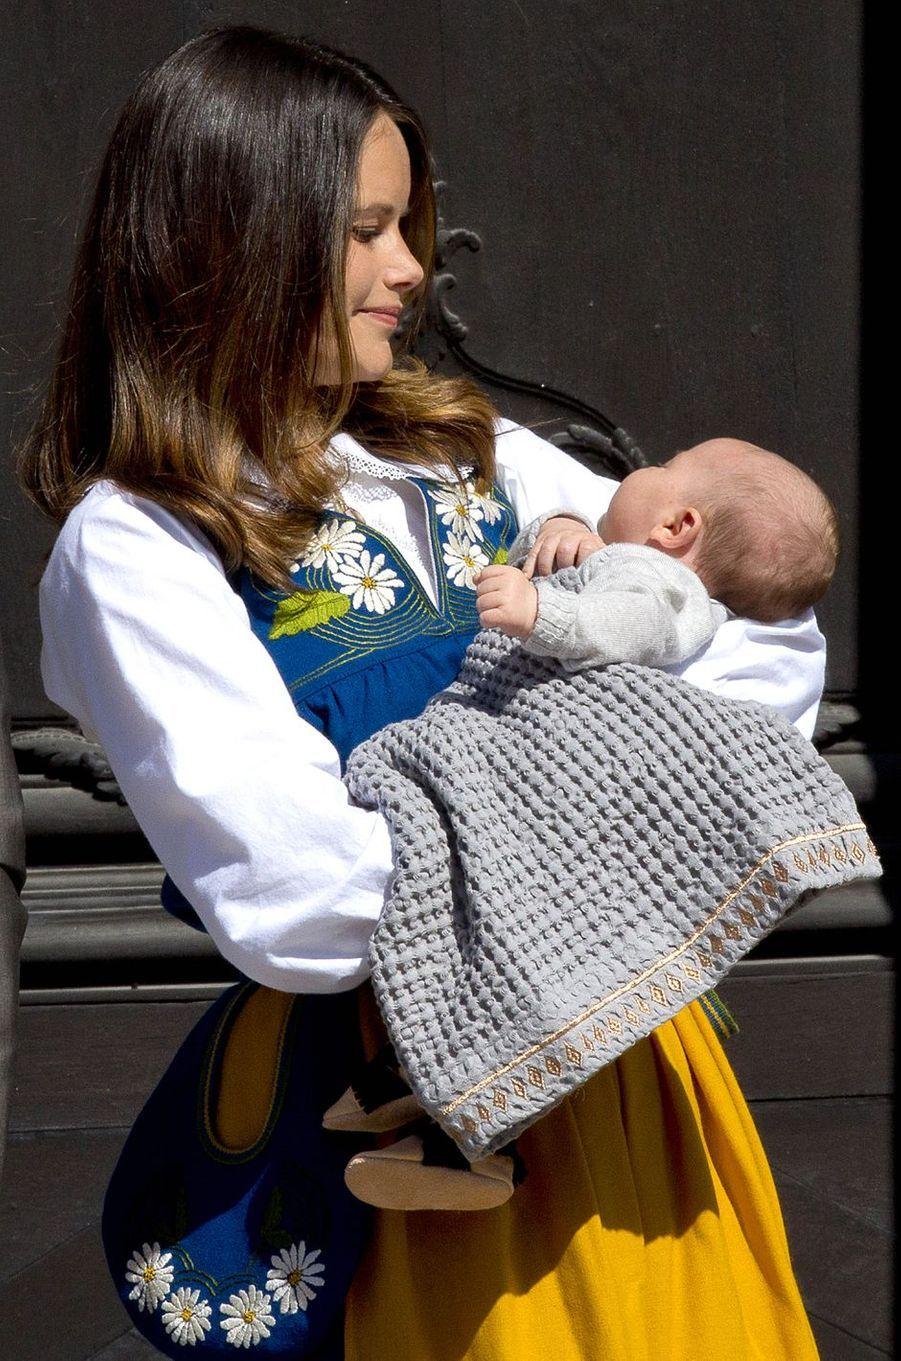 Ce lundi 6 juin était jour de Fête nationale en Suède. Et c'est le petit prince Alexander, le bébé de Carl Philip et Sofia, qui a lancé les réjouissances.